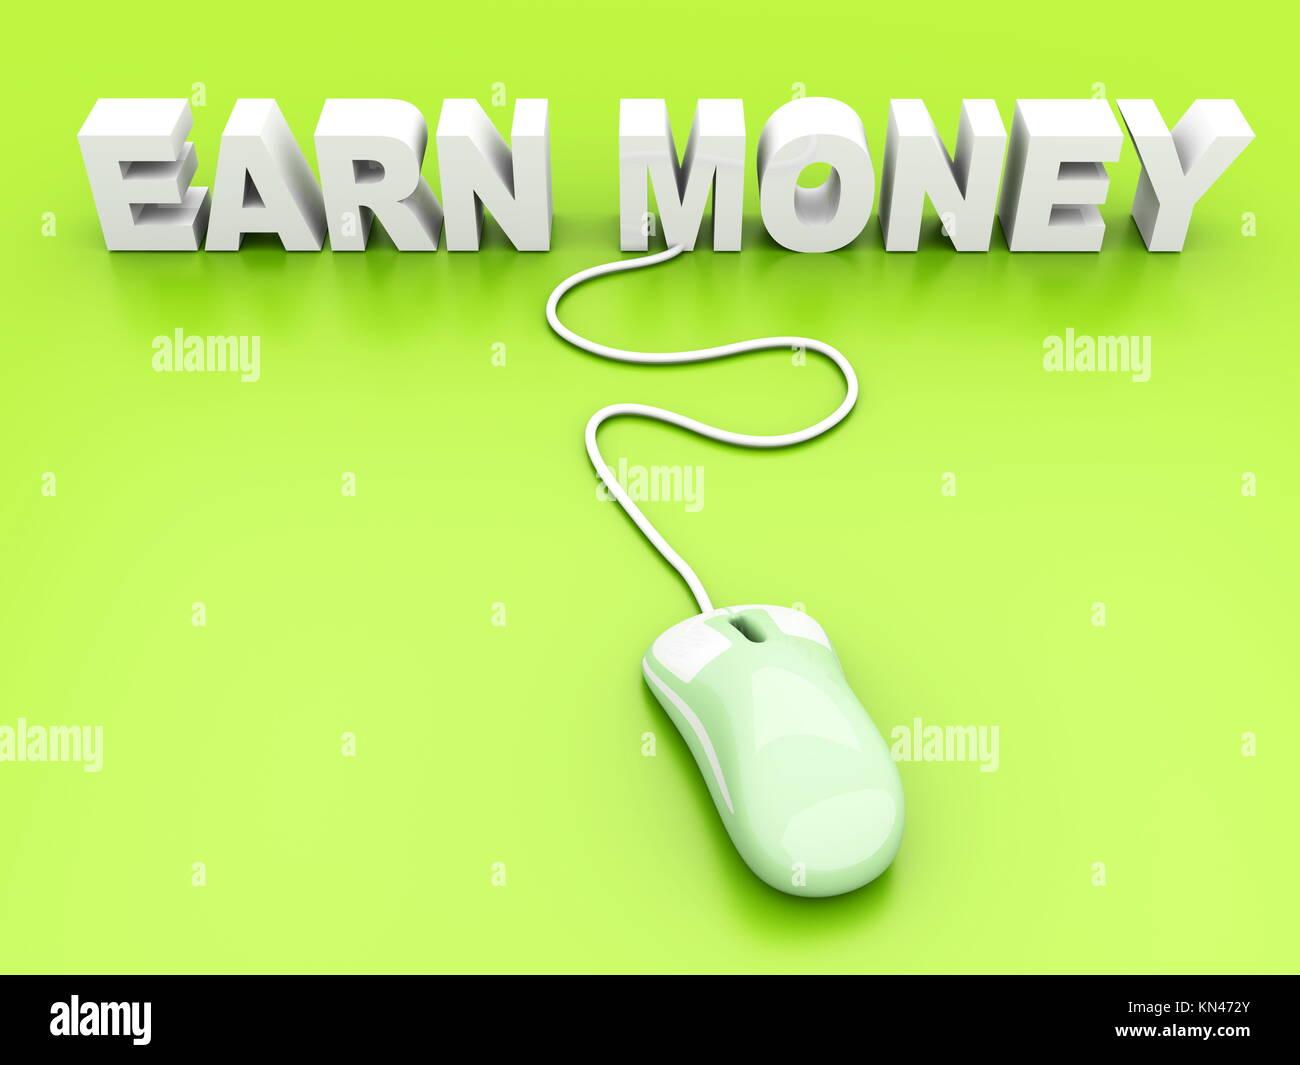 Earn Money online. 3D rendered Illustration. - Stock Image